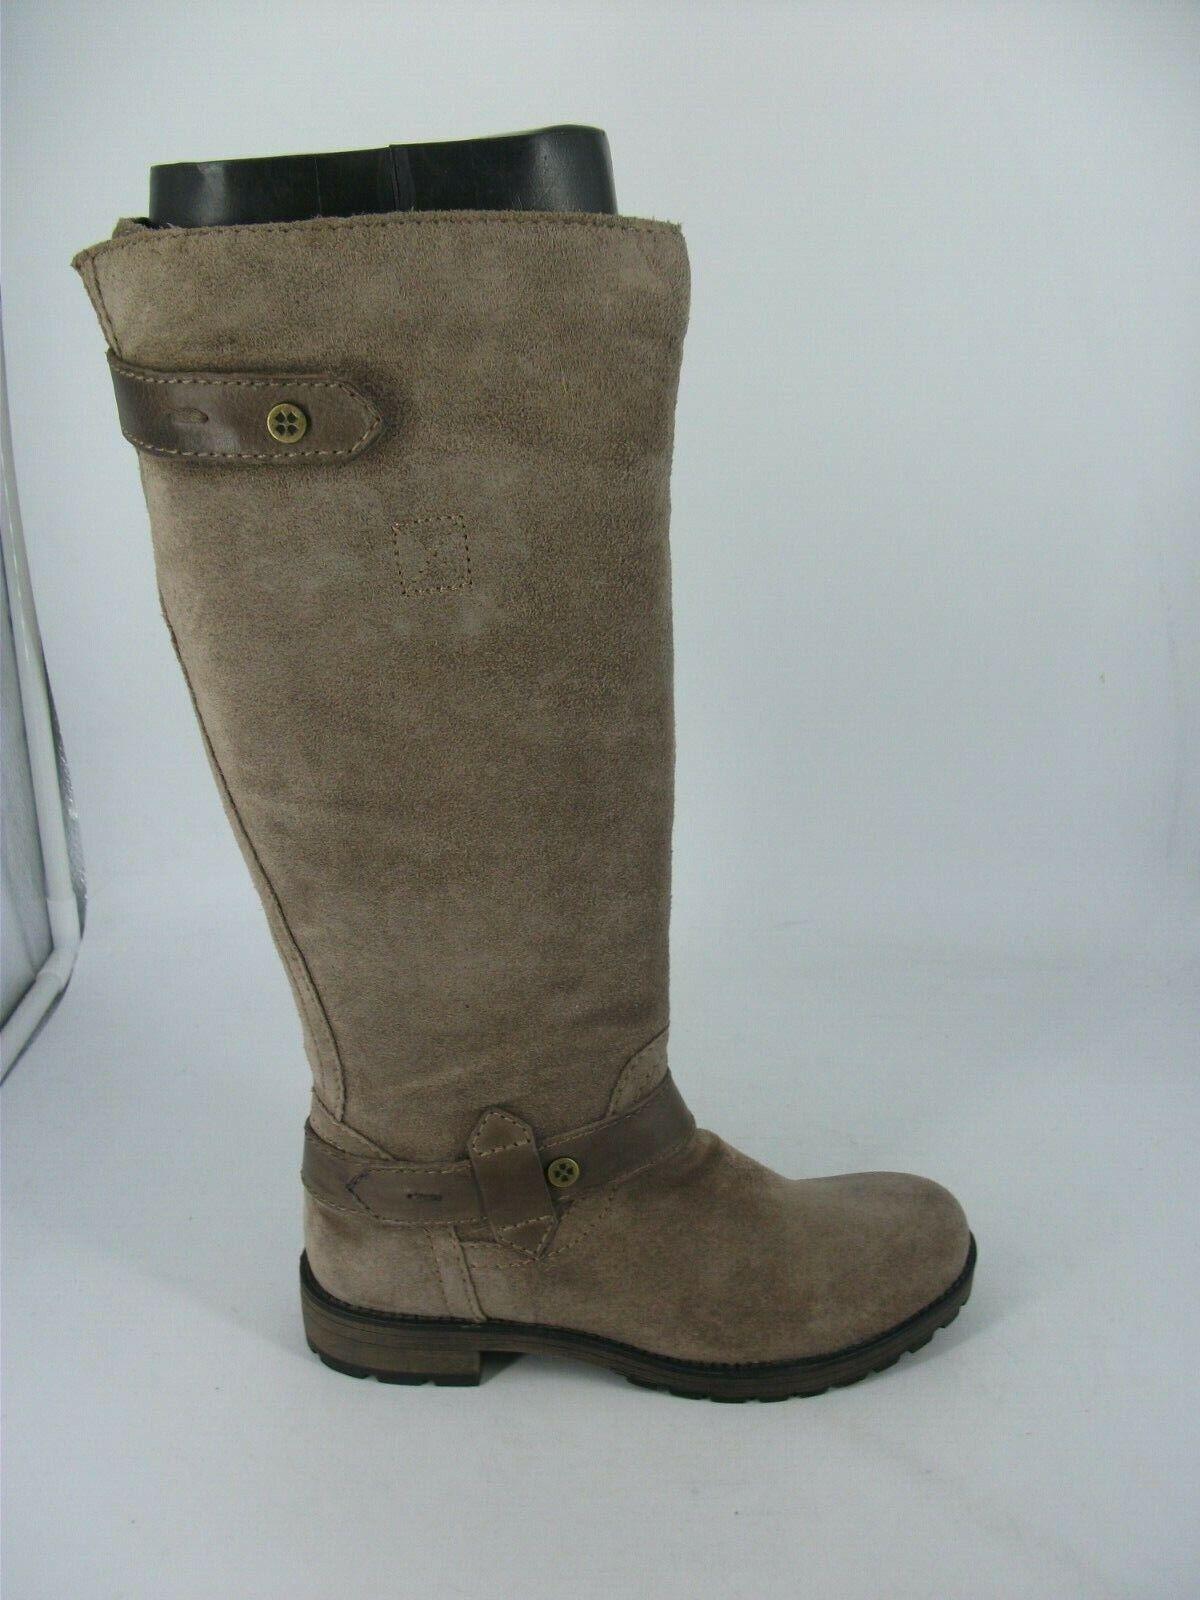 Naturalizer Tanita Suede Knee High Boots UK 3 EU 35 JS094 KK 01